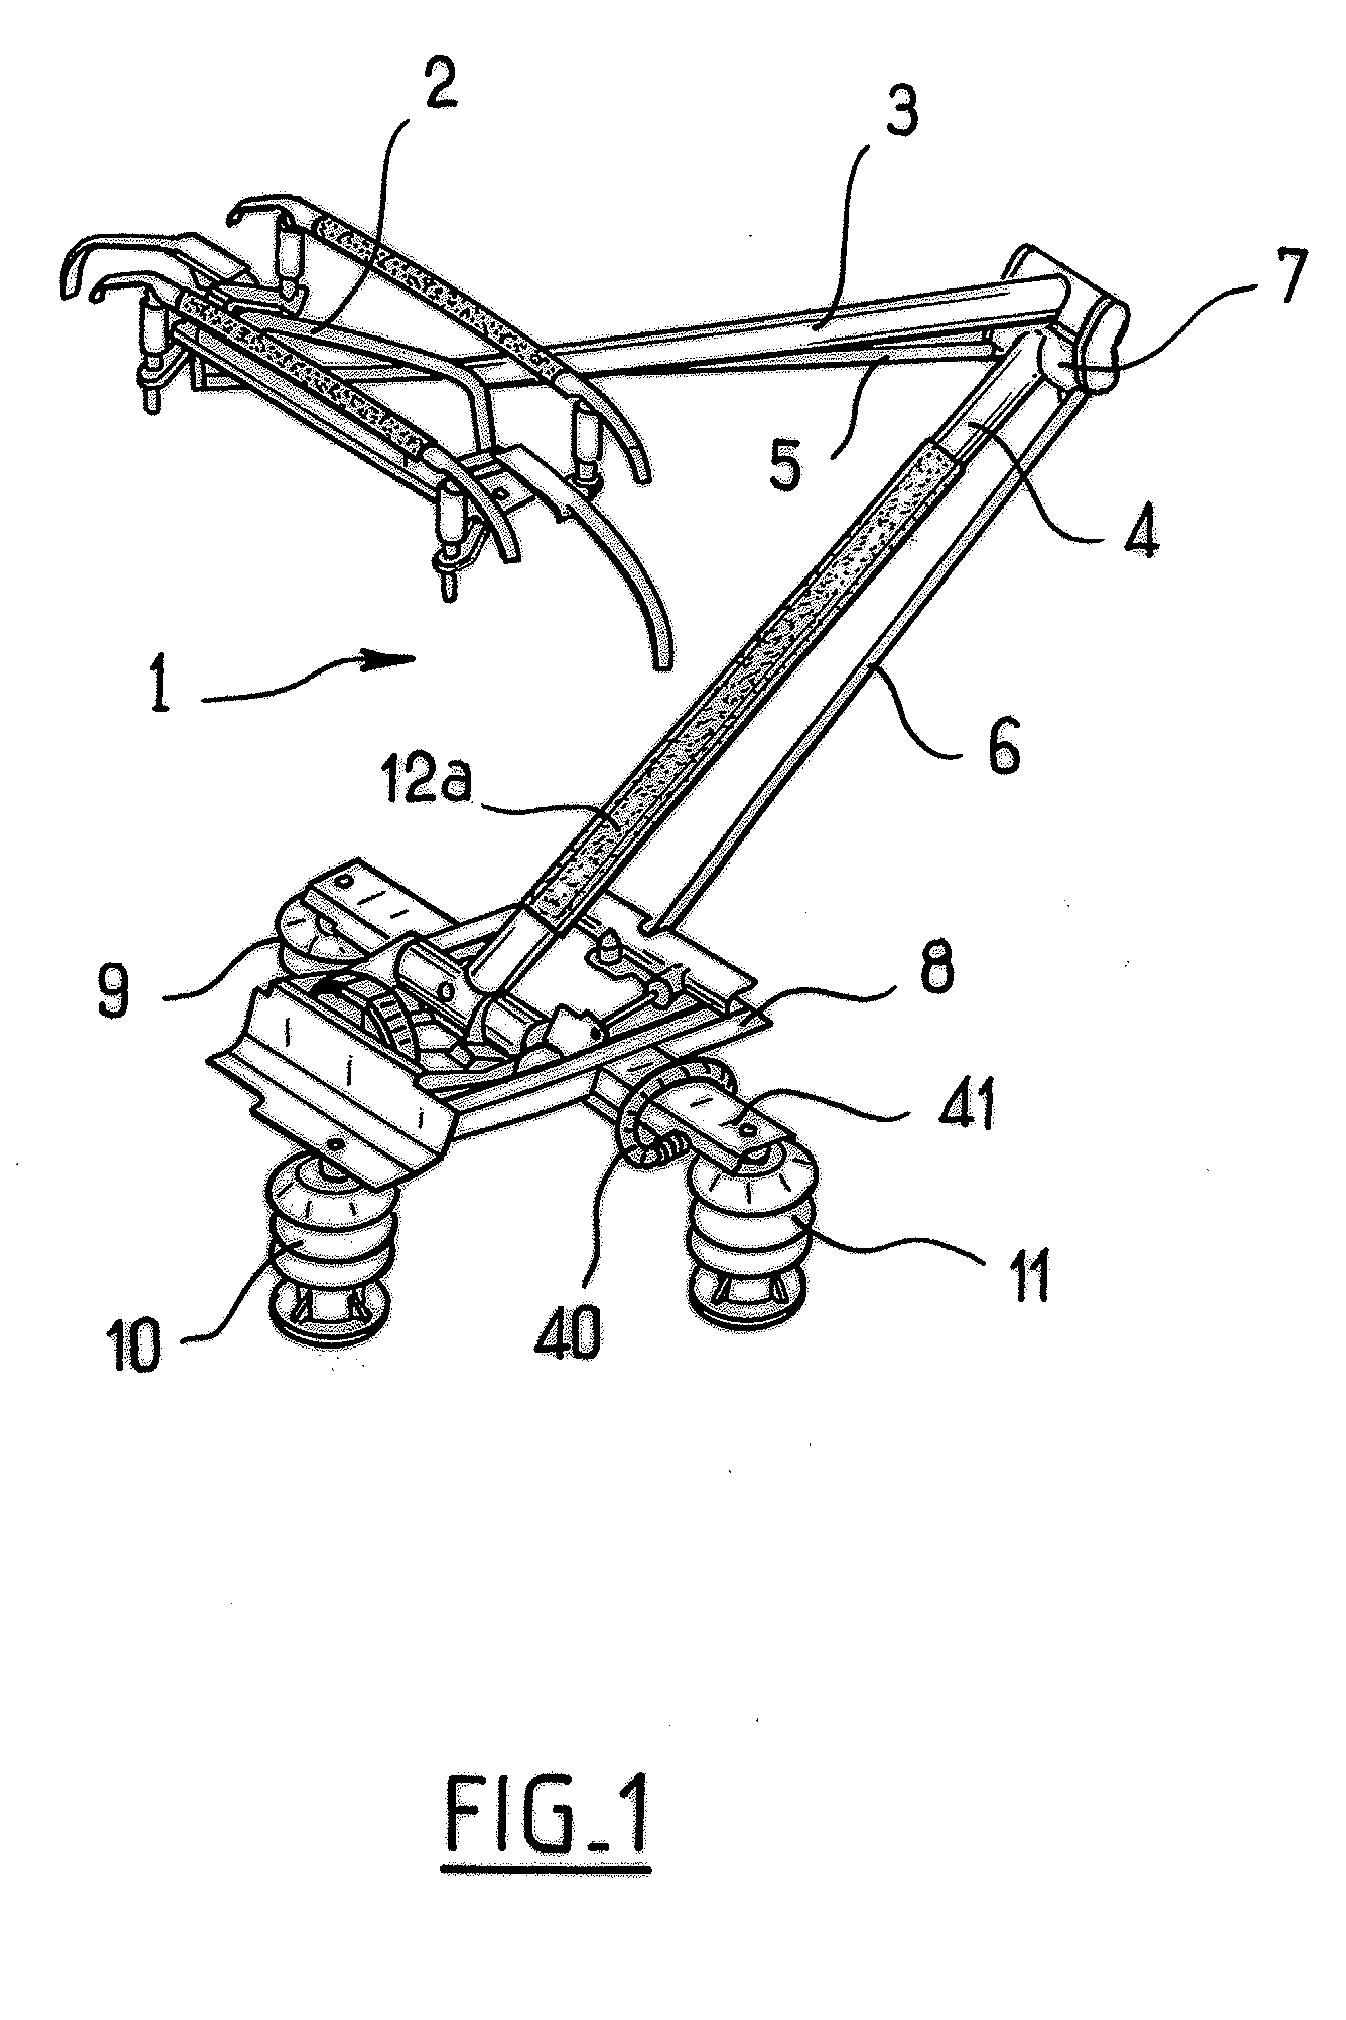 patent ep1947465a2 dispositif et procede de mesure du courant consomme par une chaine de. Black Bedroom Furniture Sets. Home Design Ideas